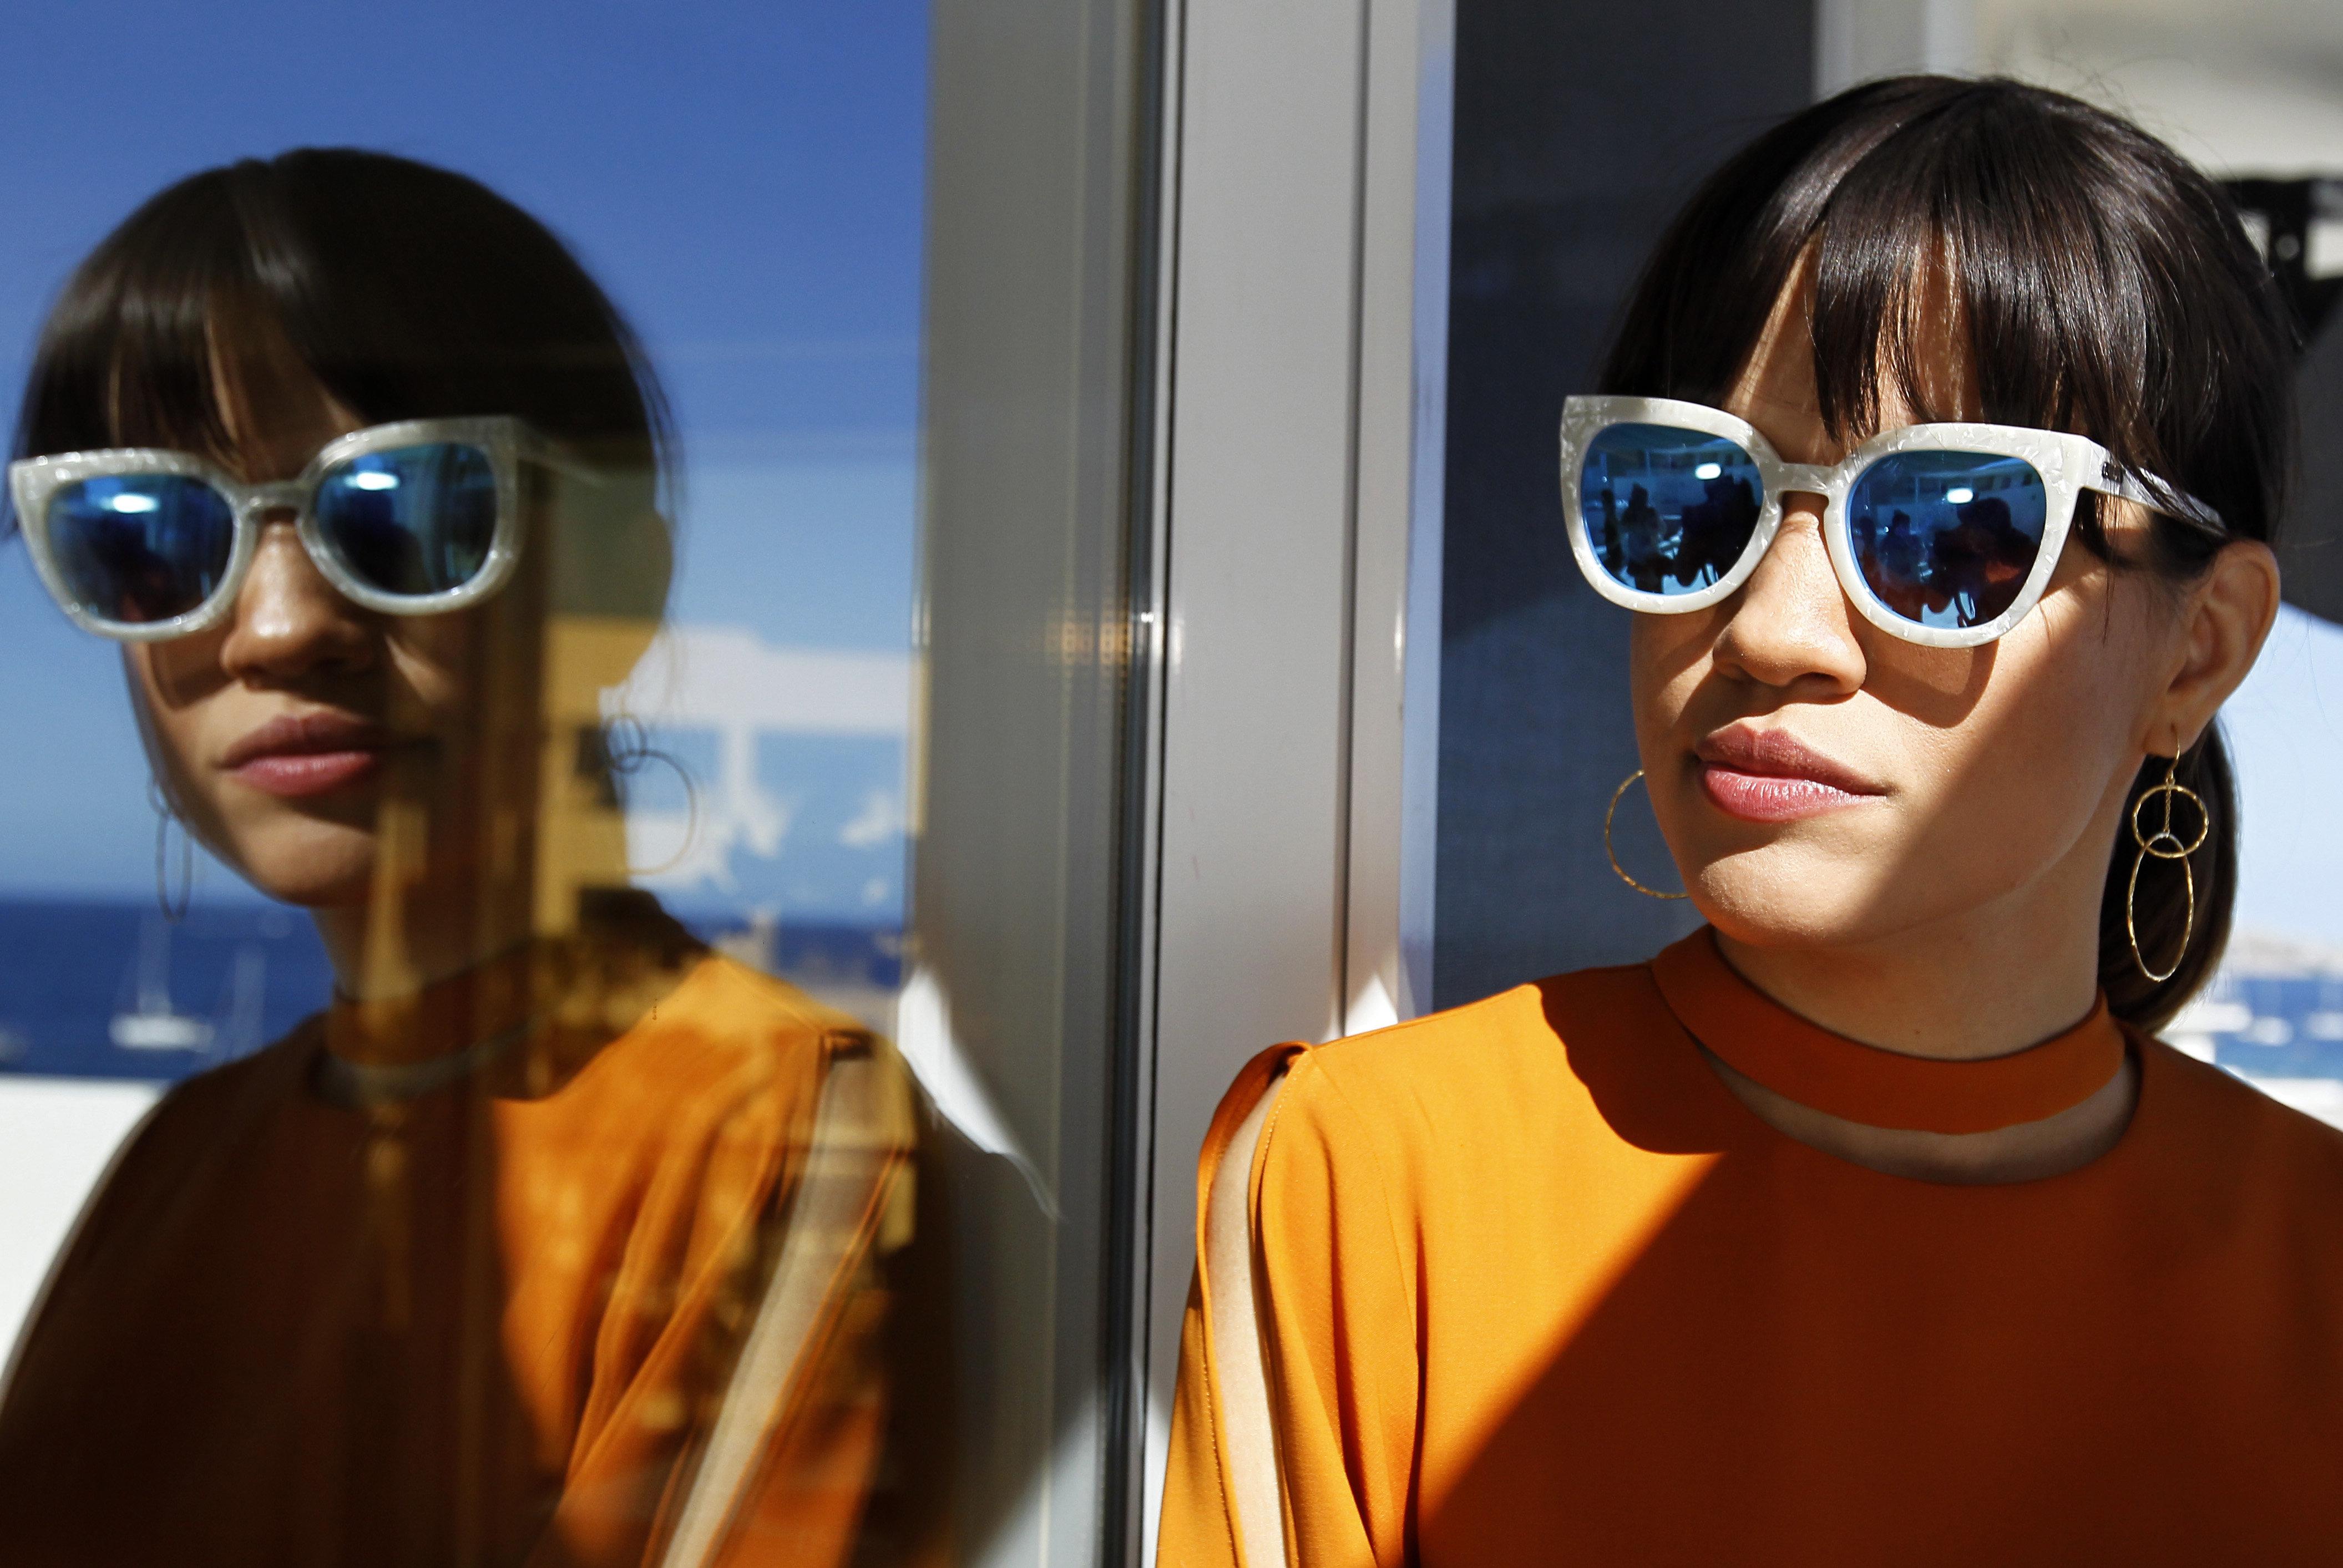 """L'actriu nord-americana Natalie Morales en el Festival Internacional de Cinema de Los Cabos (Mèxic). El festival rendeix tribut al Paul Schrader, guionista de cintes com a """"Taxi Driver"""". /ULISES RUIZ BASURTO"""